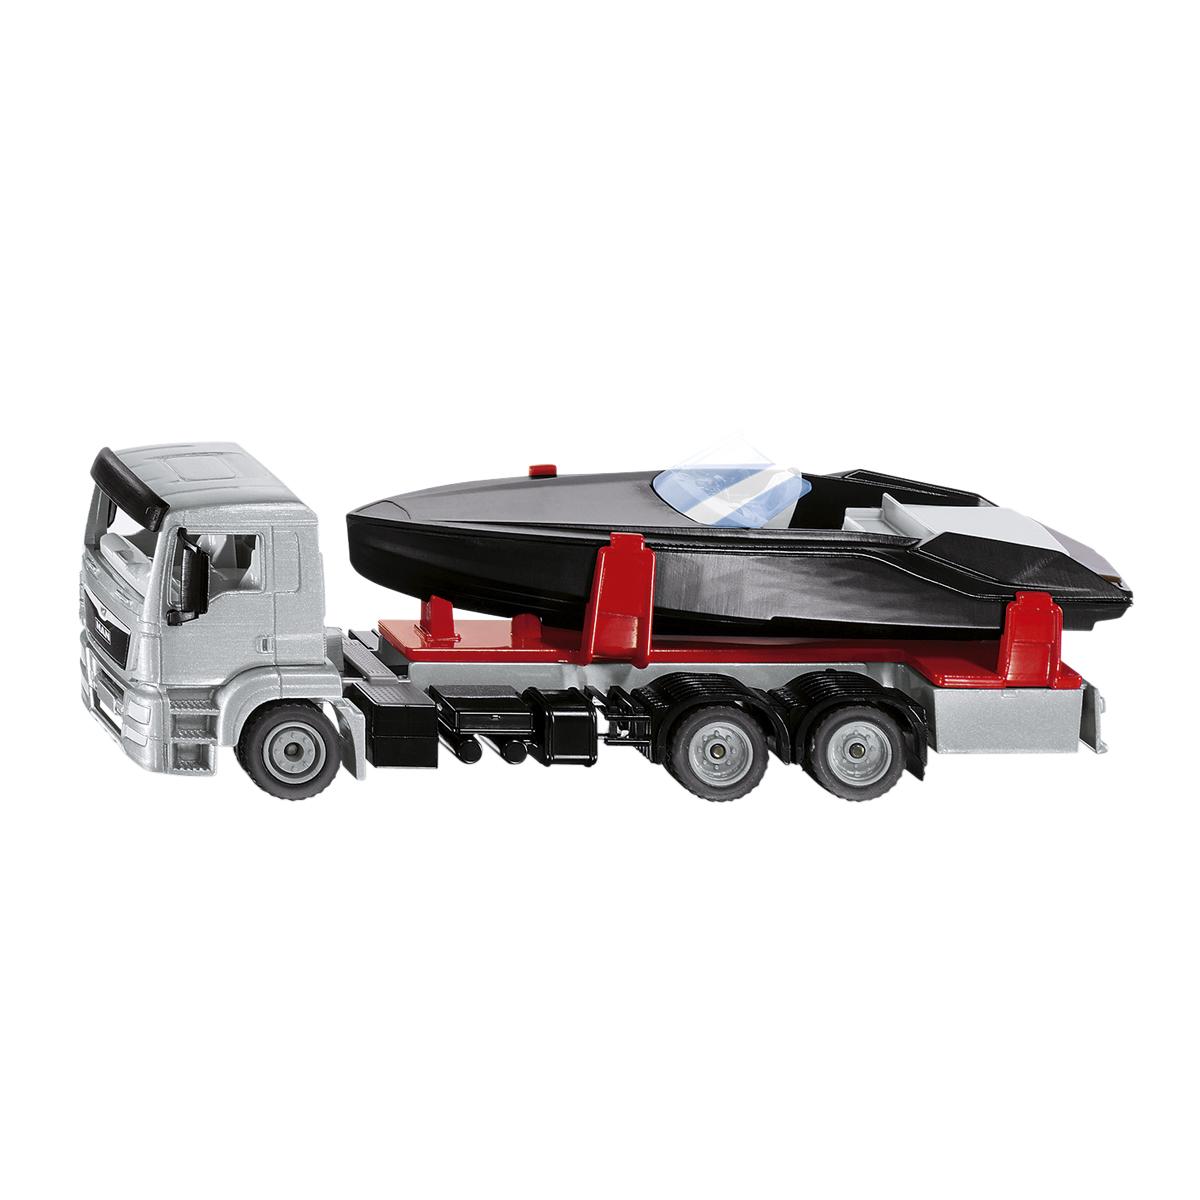 MAN モーターボート付きトラック